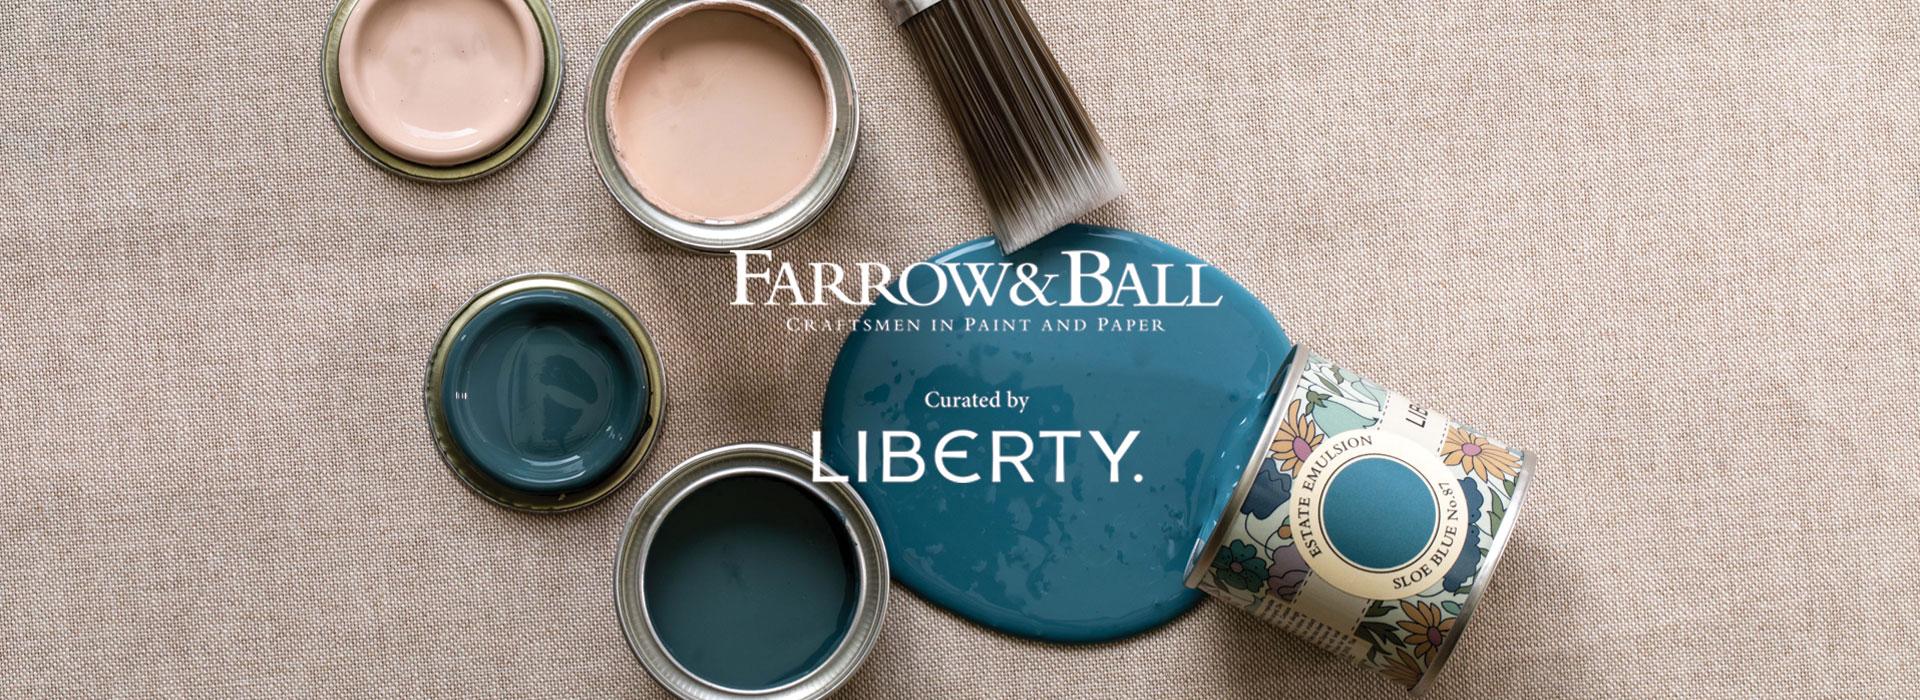 Liberty-kampany